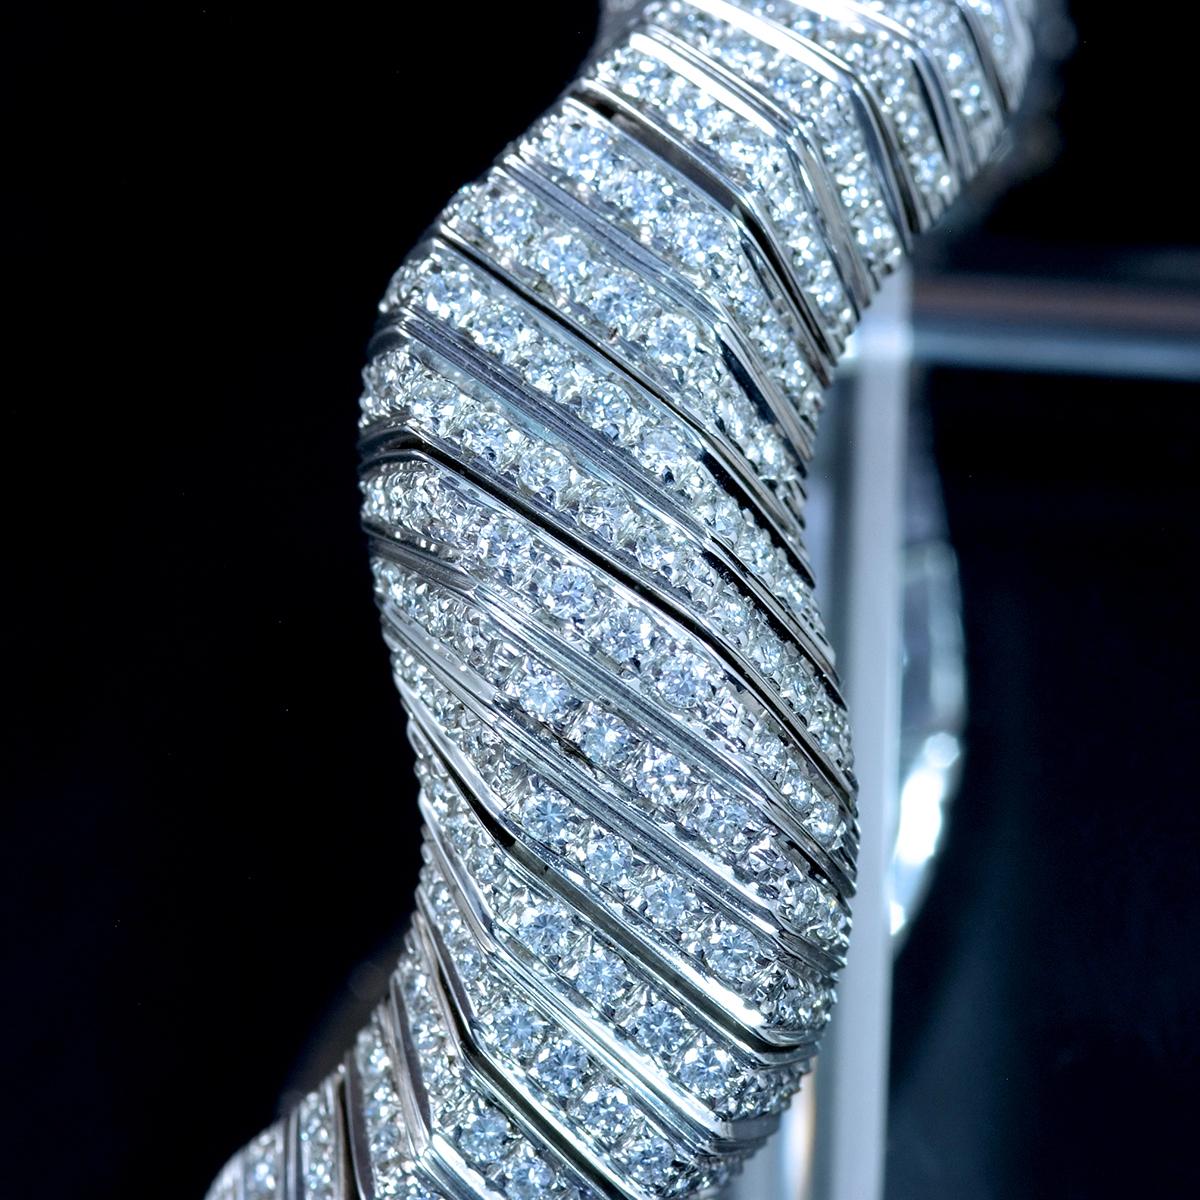 E9797 天然雲上ダイヤモンド7.84ct 最高級18金WG無垢セレブリティビッグバングル 腕周り16.5cm 重量81.94g 幅30.5mm_画像4